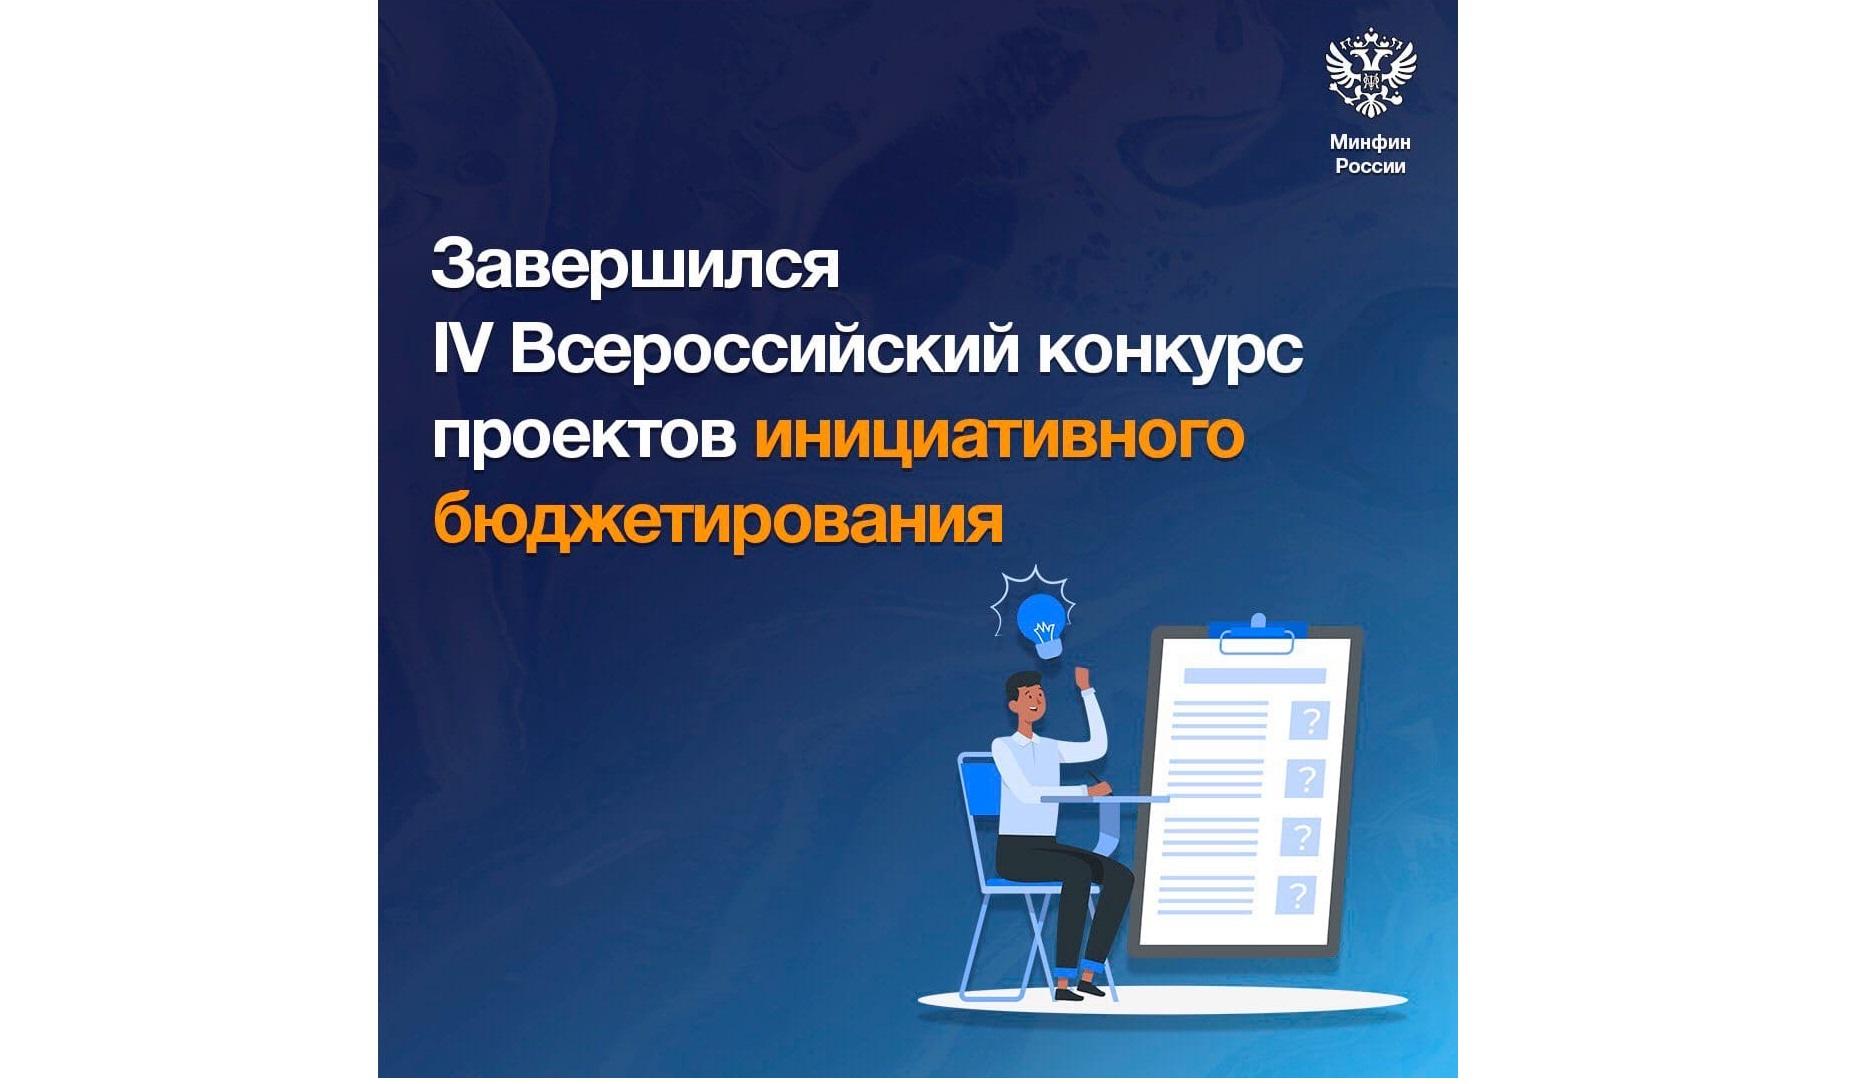 Завершился IV Всероссийский конкурс проектов инициативного бюджетирования